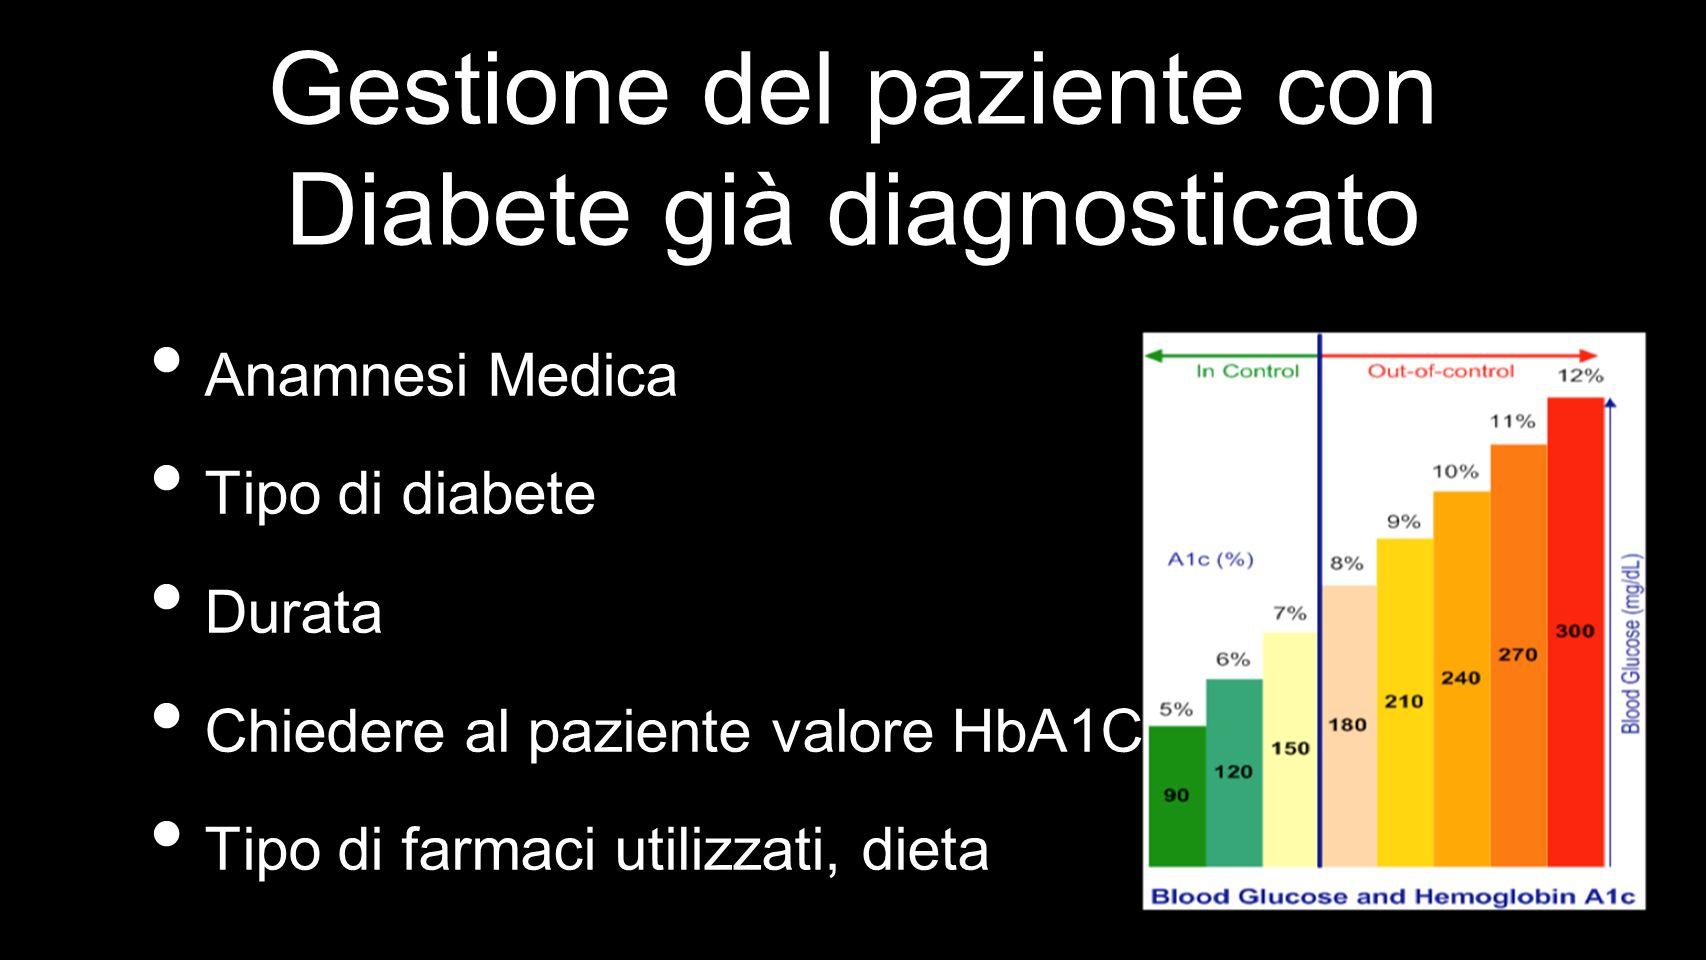 Gestione del paziente con Diabete già diagnosticato